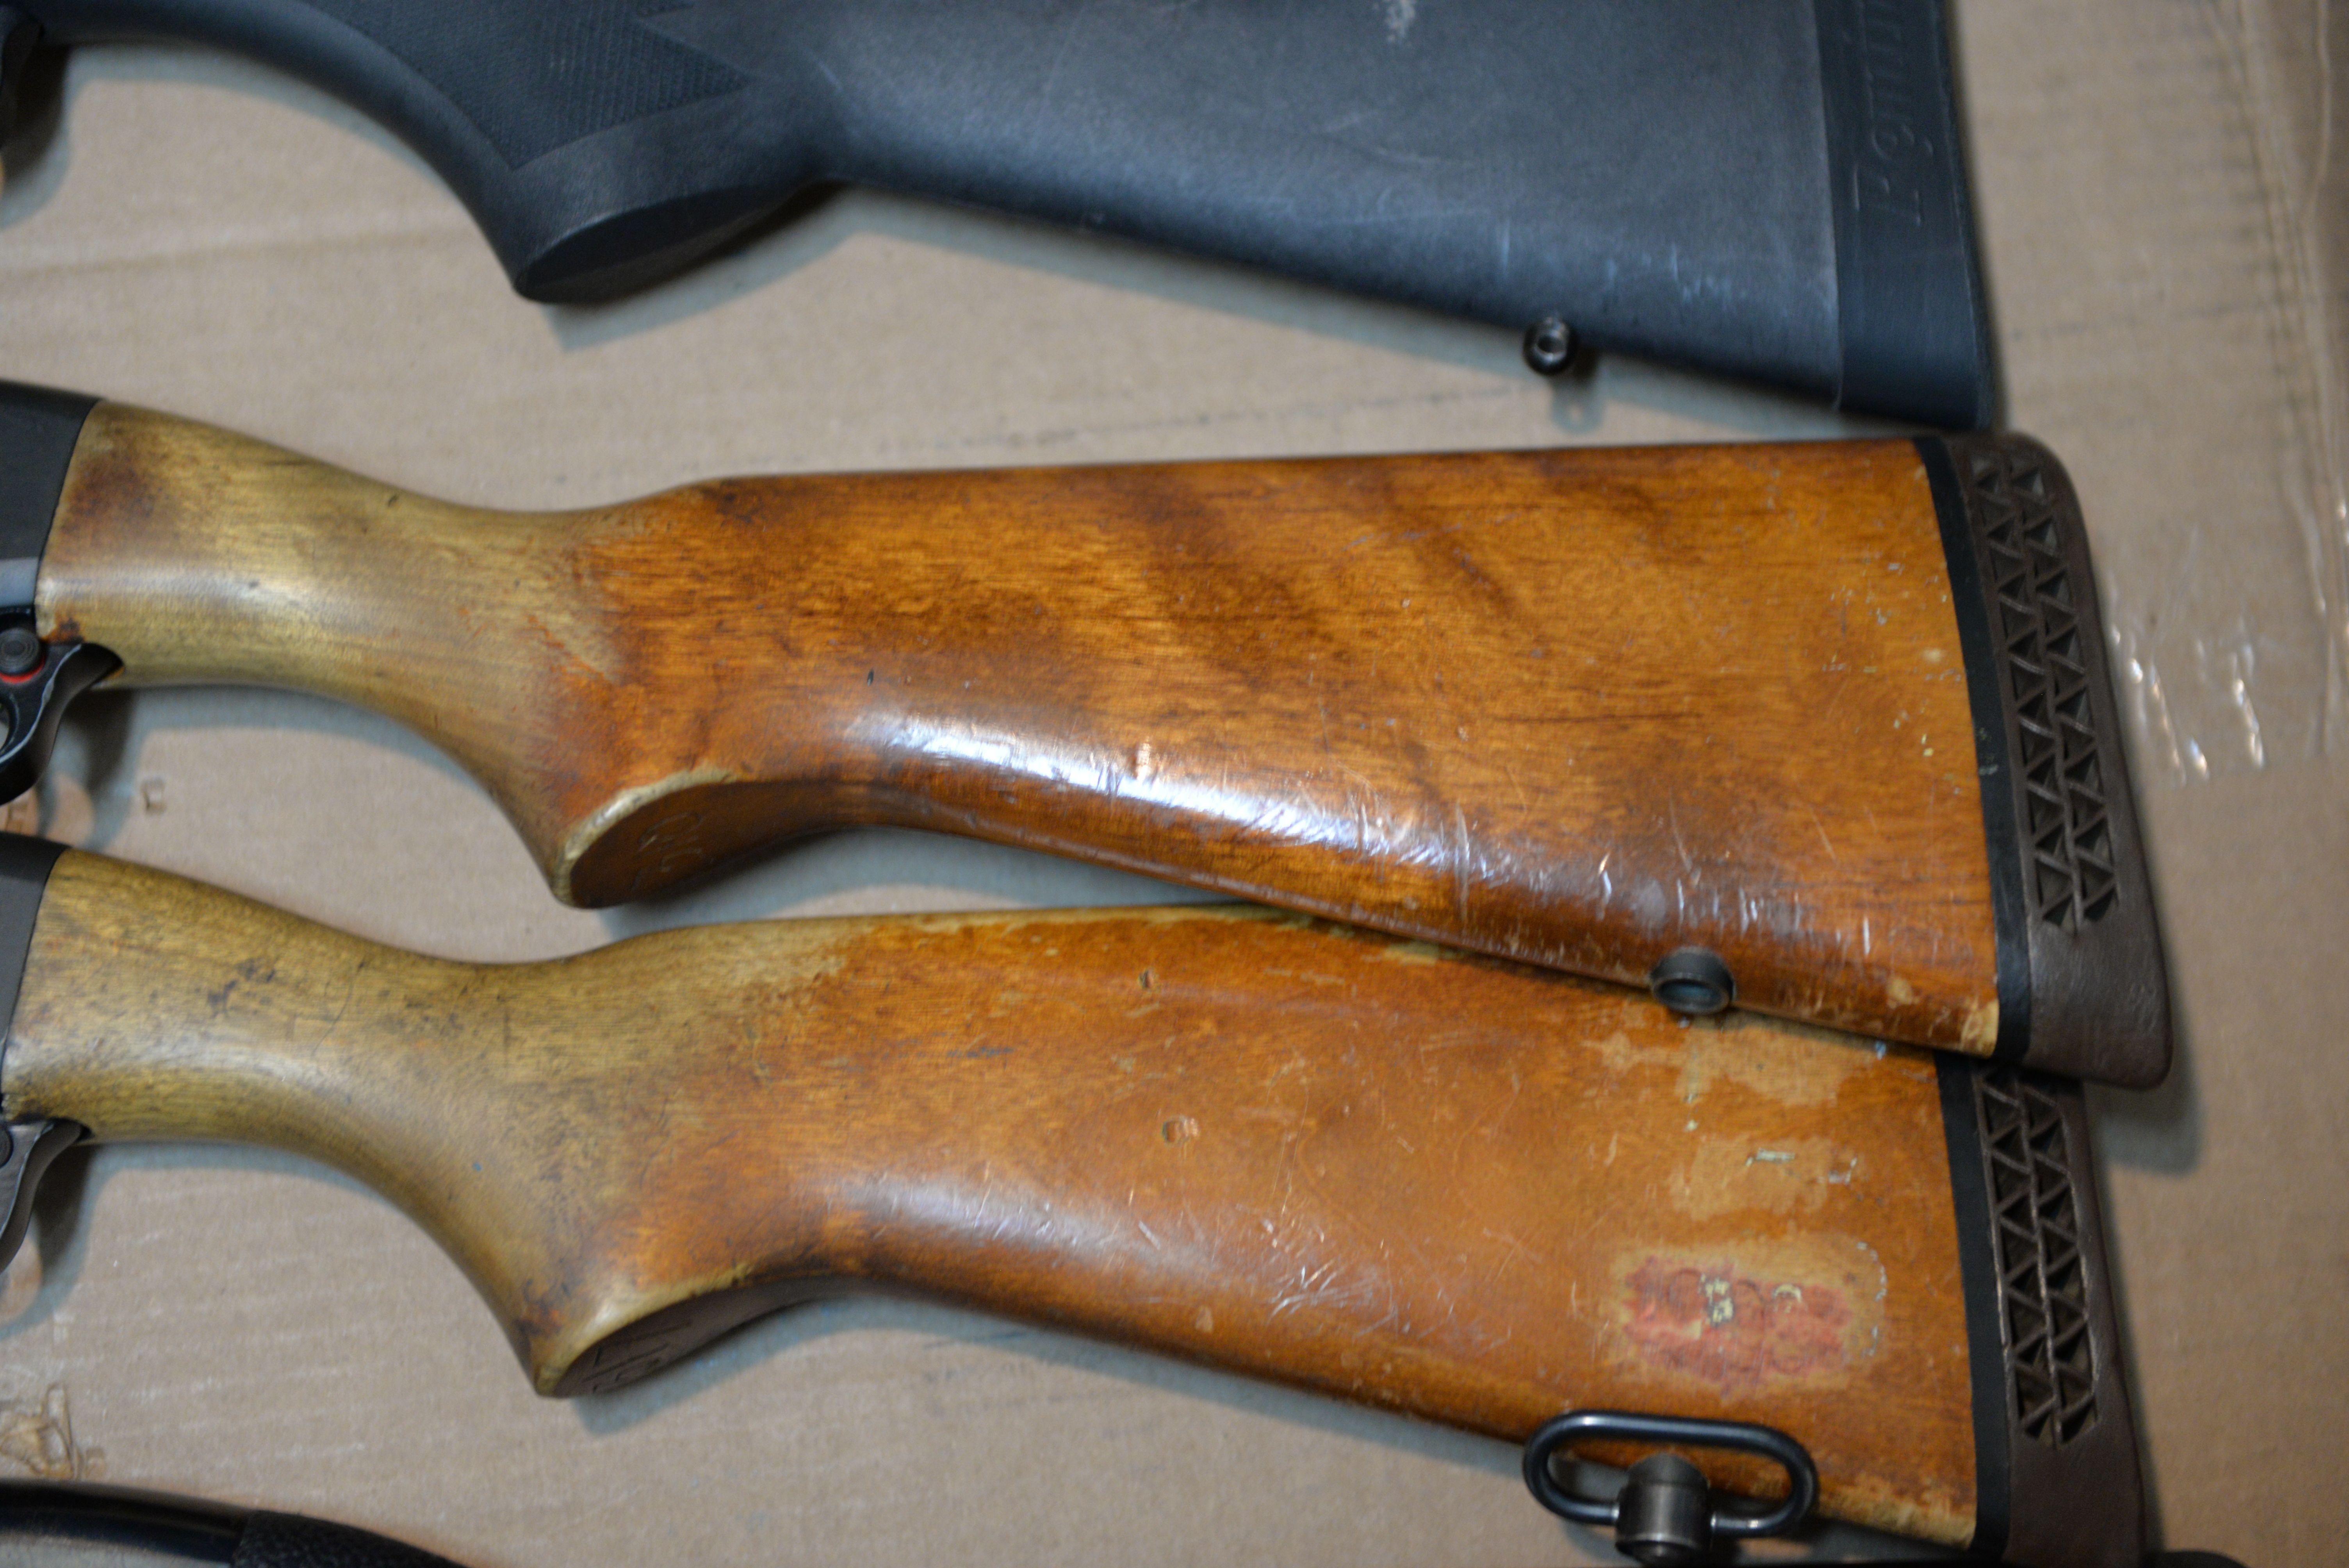 Remington 870 Police Trade-Ins: Good and Ugly! – rifleshooter com